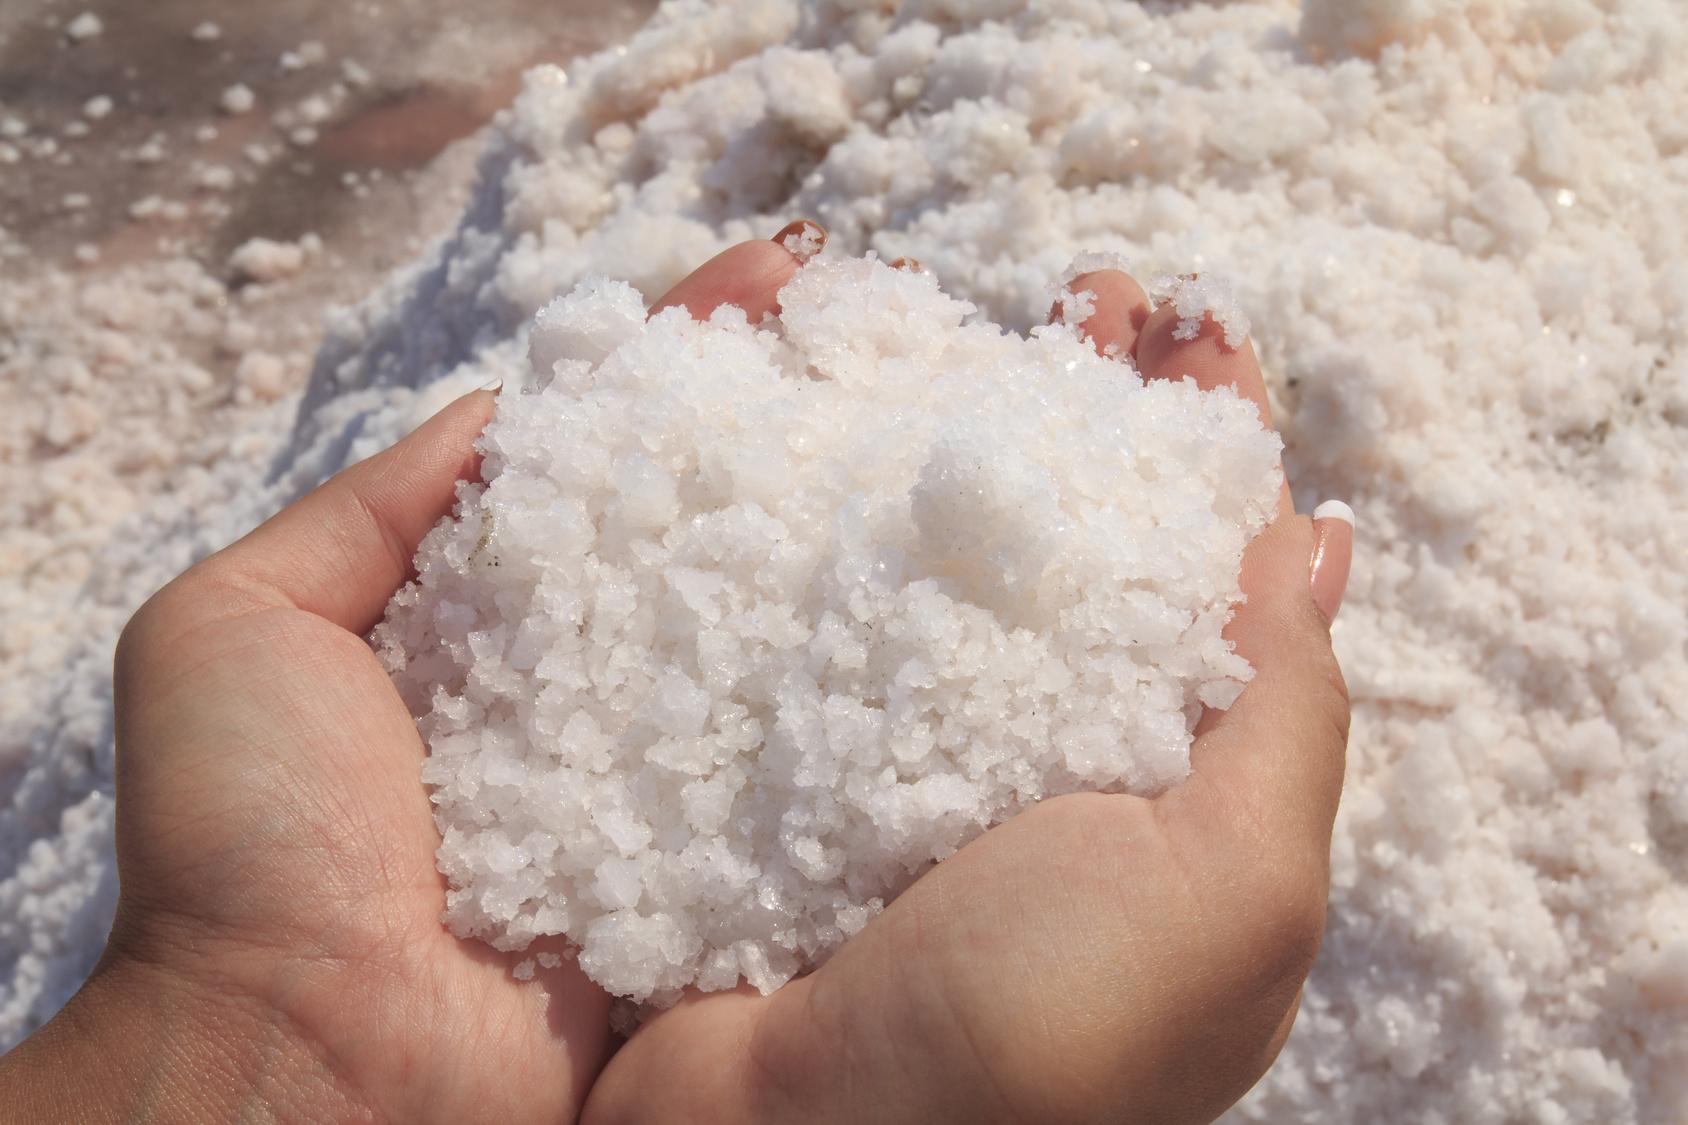 Sodium chloride in skincare